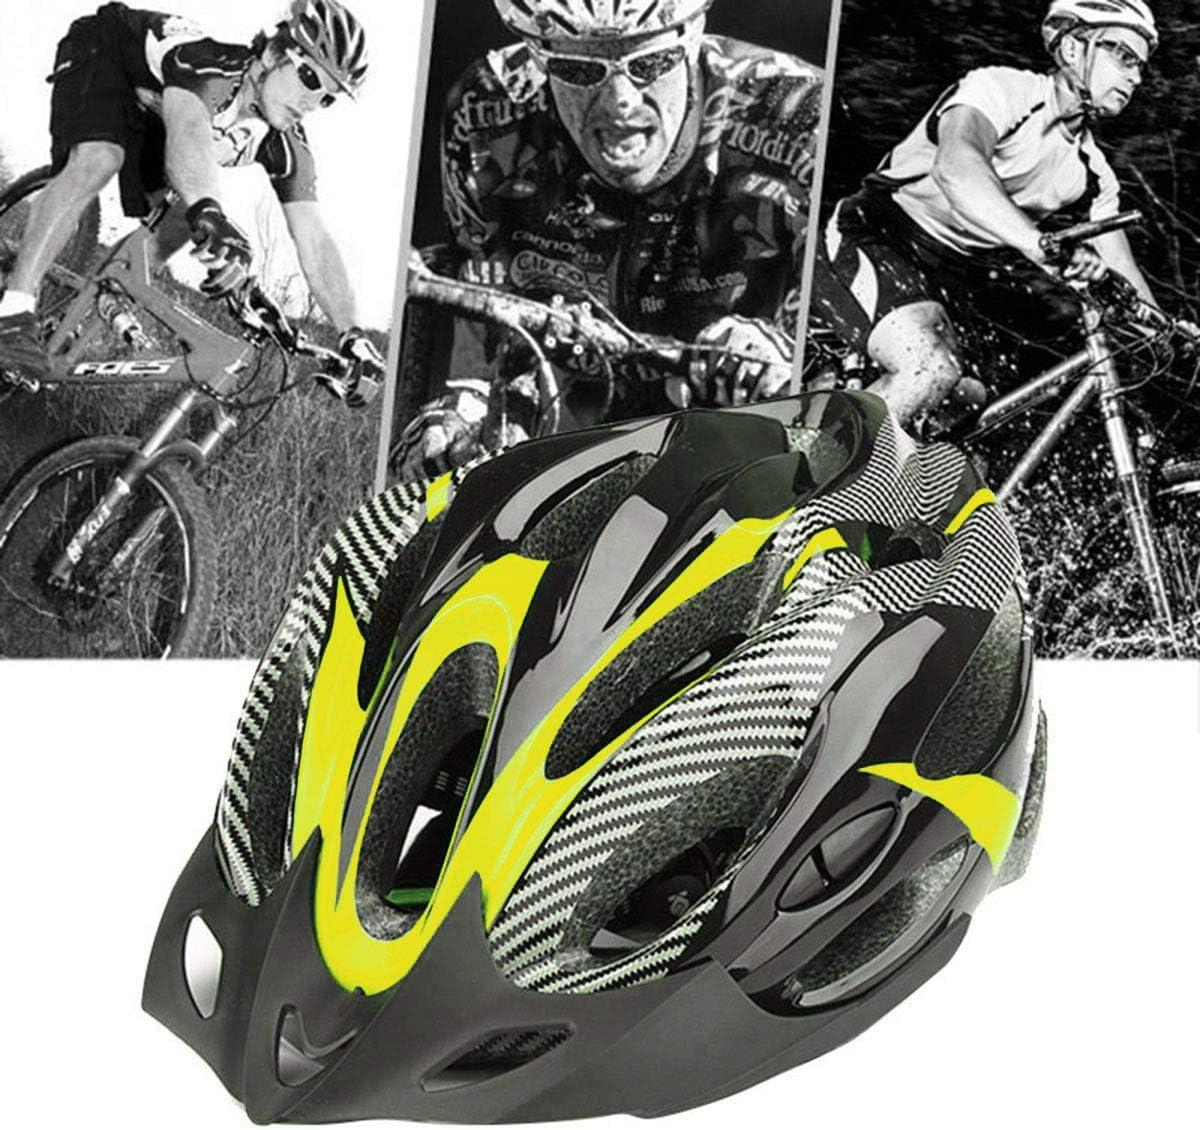 Casco da Ciclismo Casco da Mountain Bike Visiera Stabile Ultraleggera Sicurezza Eps Ciclismo Testa di Sicurezza per Adulti Proteggi Cappello da Bici